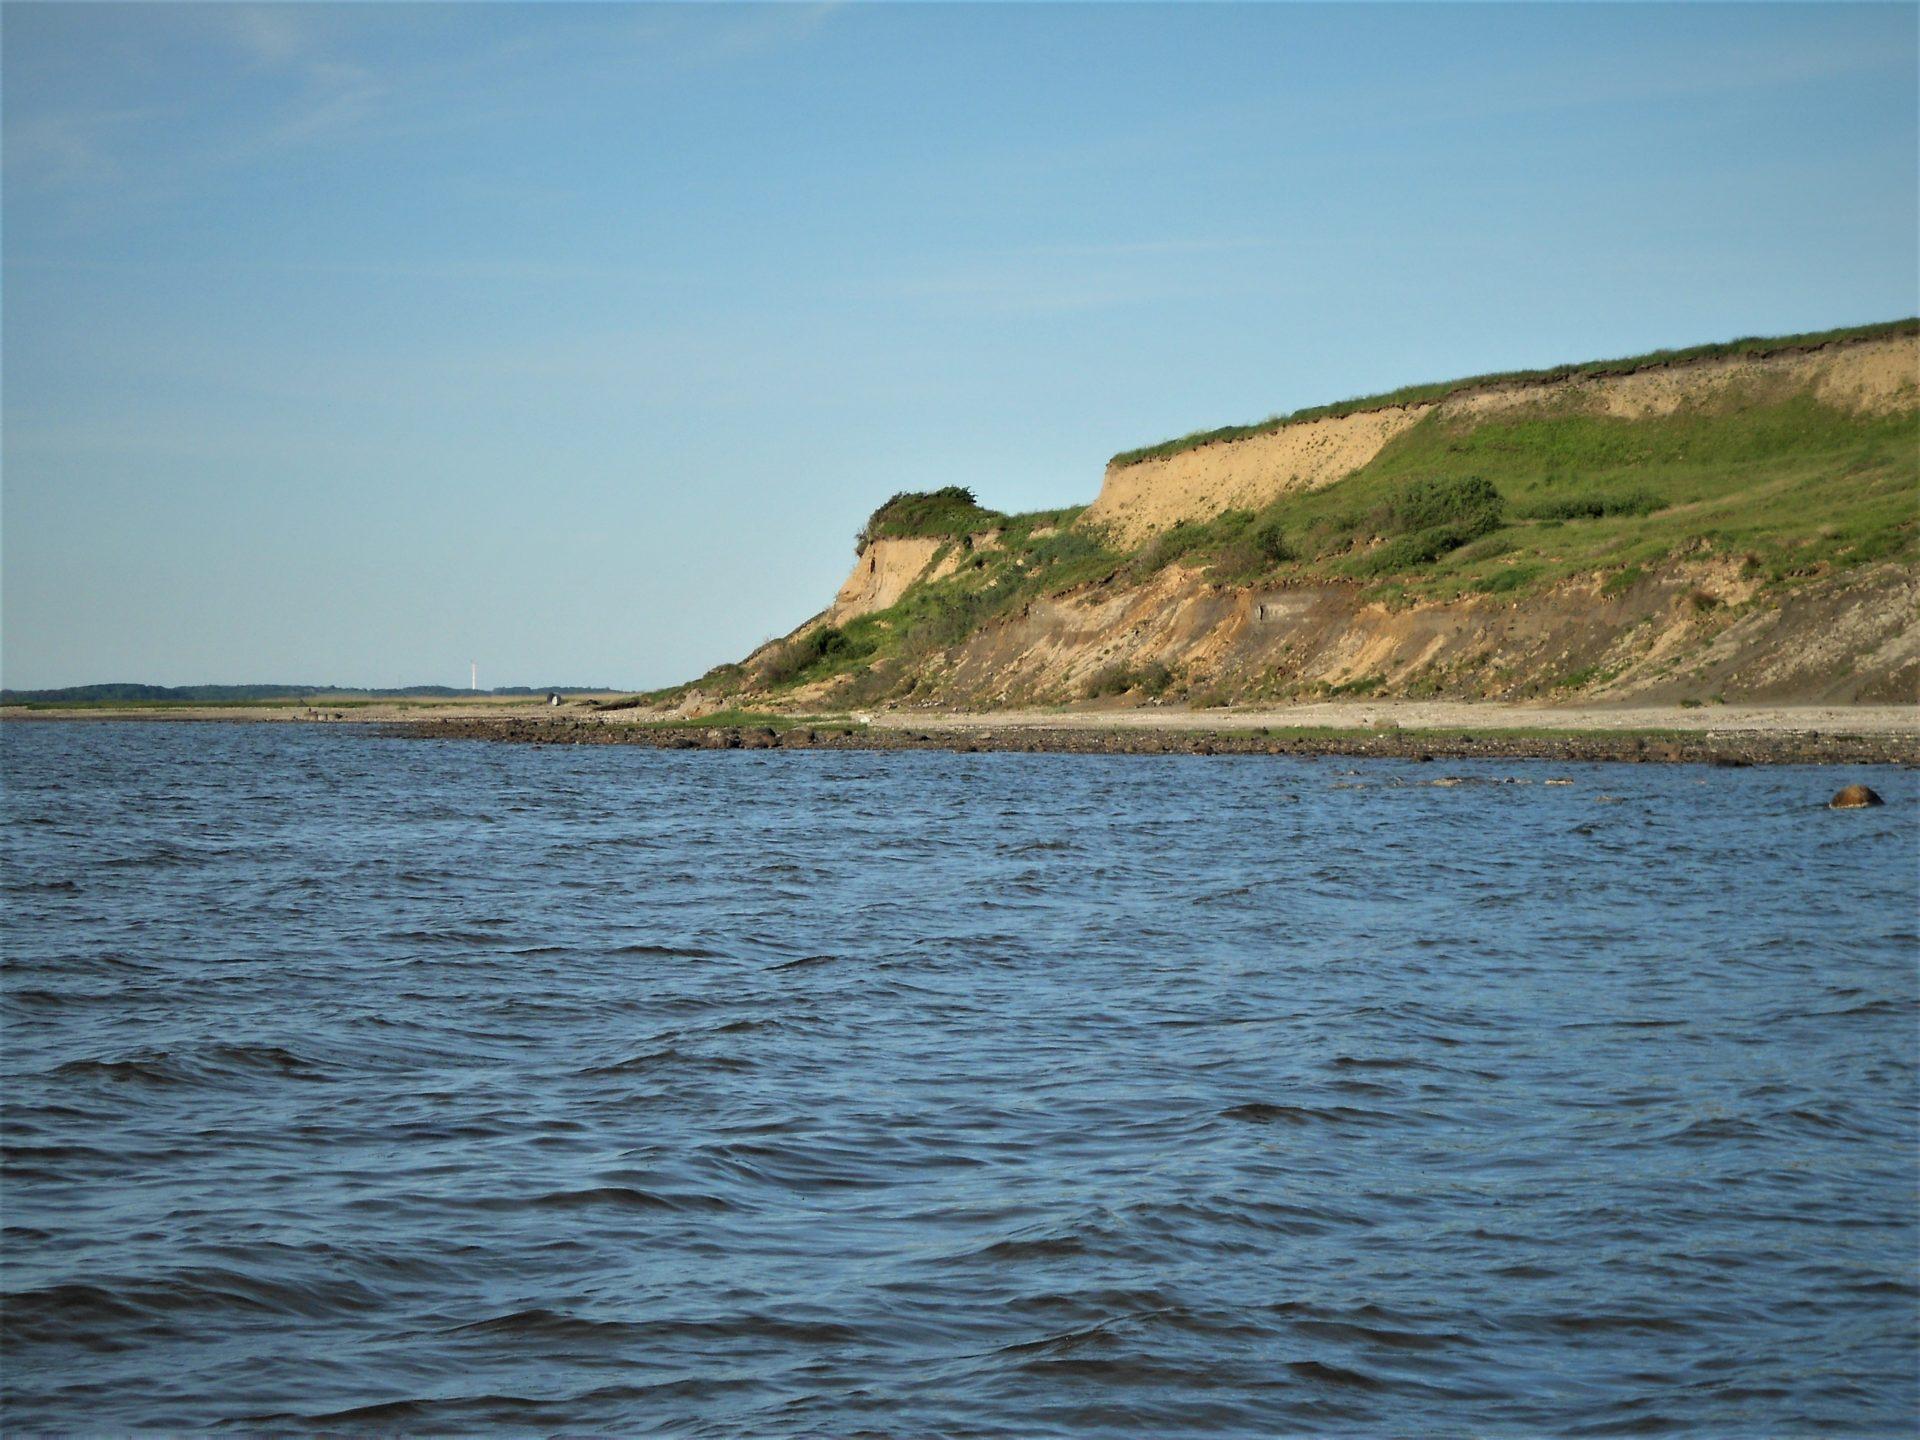 Ejsingholm Strand ved Limfjorden er en fiskeplads til fangst af havørreder og hornfisk